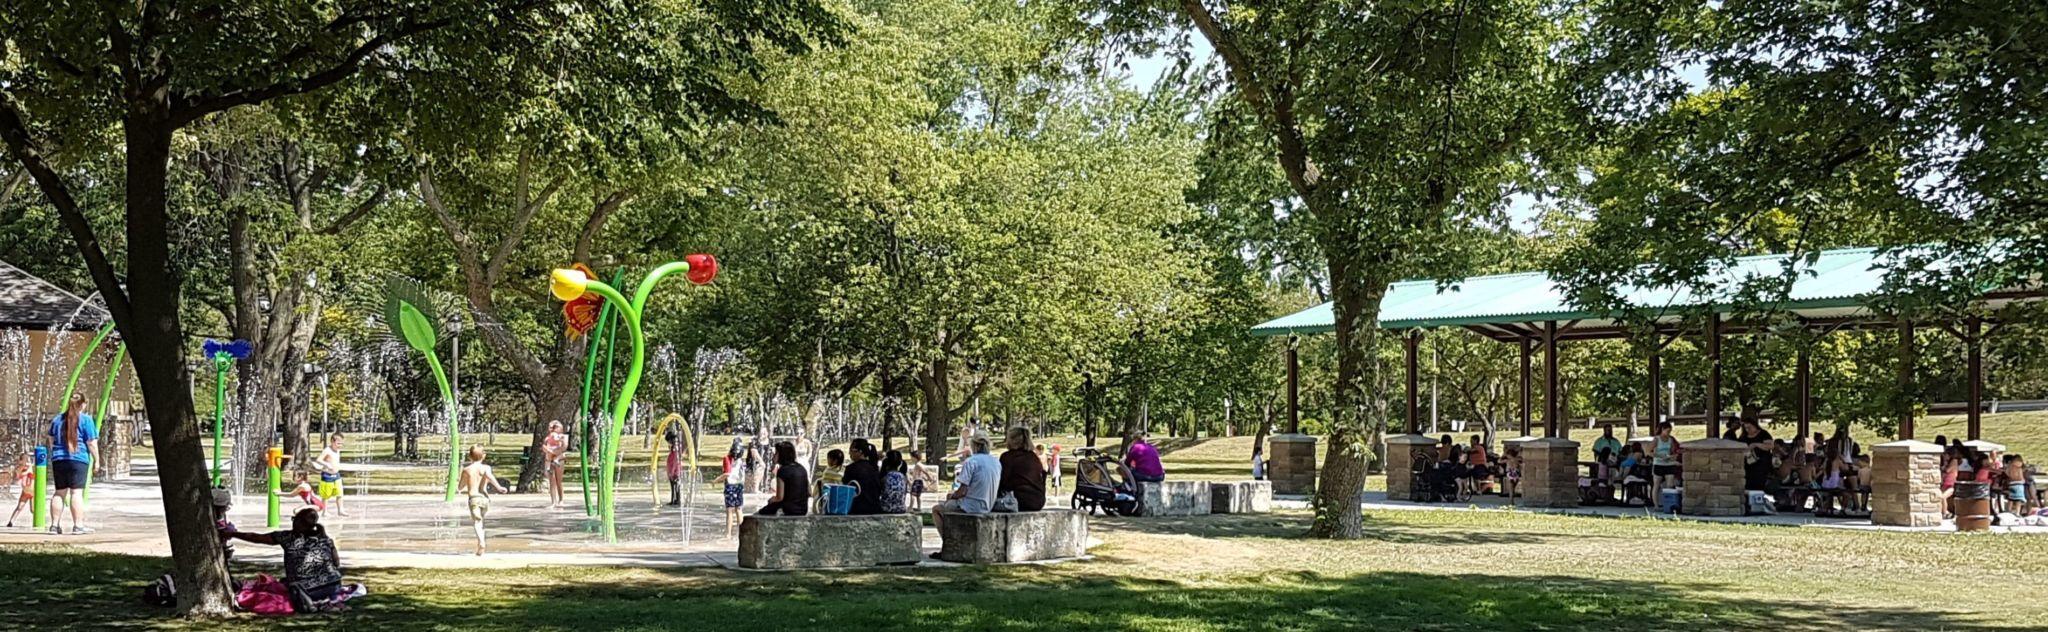 Un parc avec des arbres, des abris offrant de l'ombre et une aire de jeux d'eau, à Windsor. Source : Ressources naturelles Canada